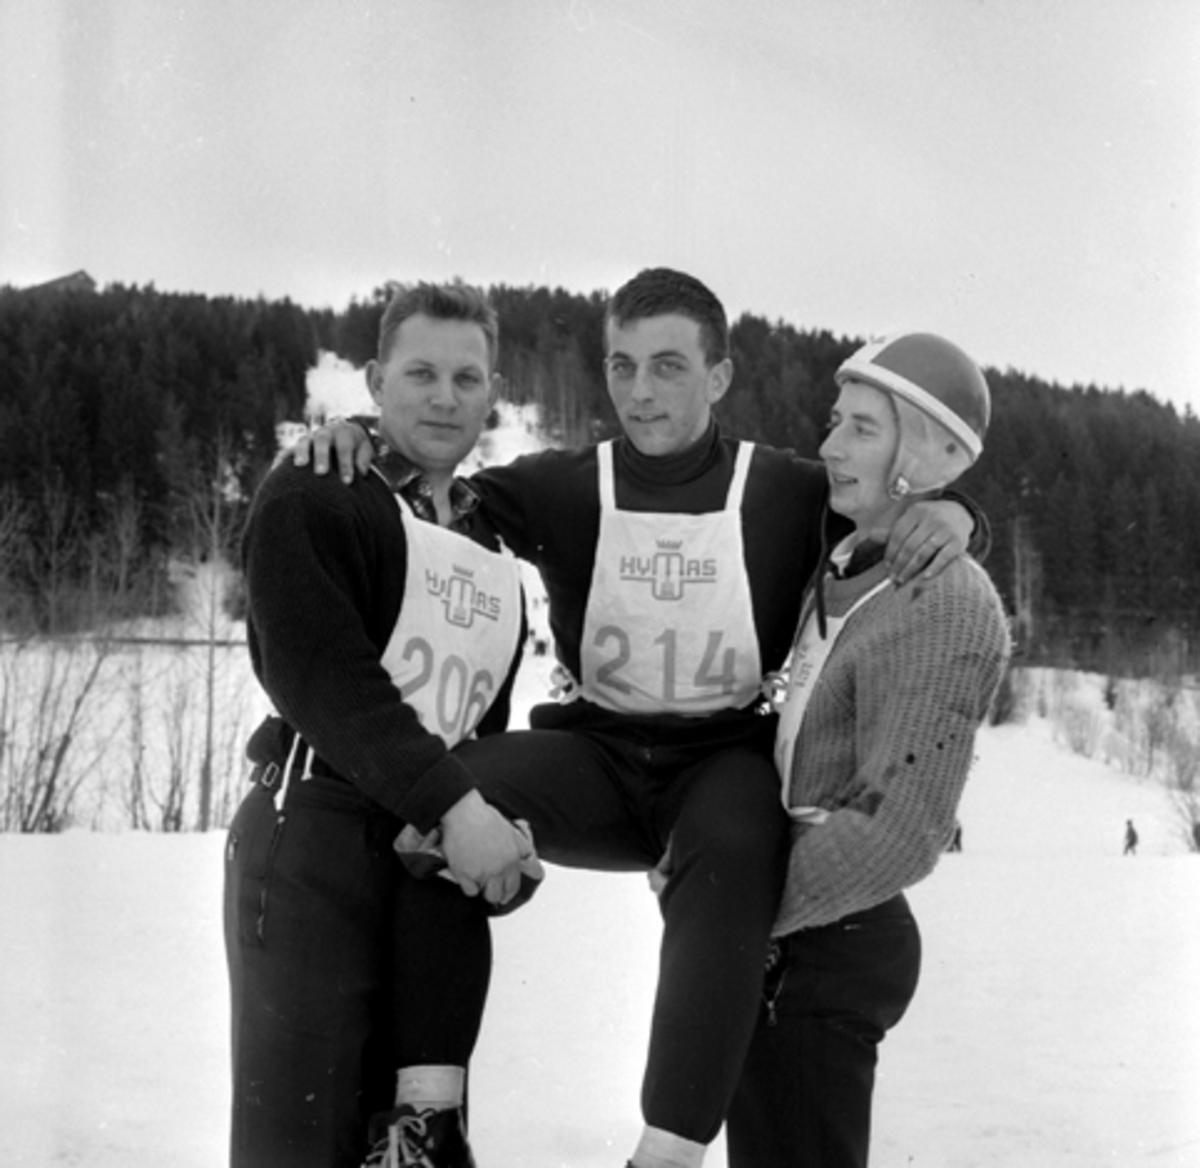 Asbjørn Moland (?) Steinar Sørlienpå gullstol, Bjarne Østli, Furnes, skihoppere, Frambakken, Brumunddal.